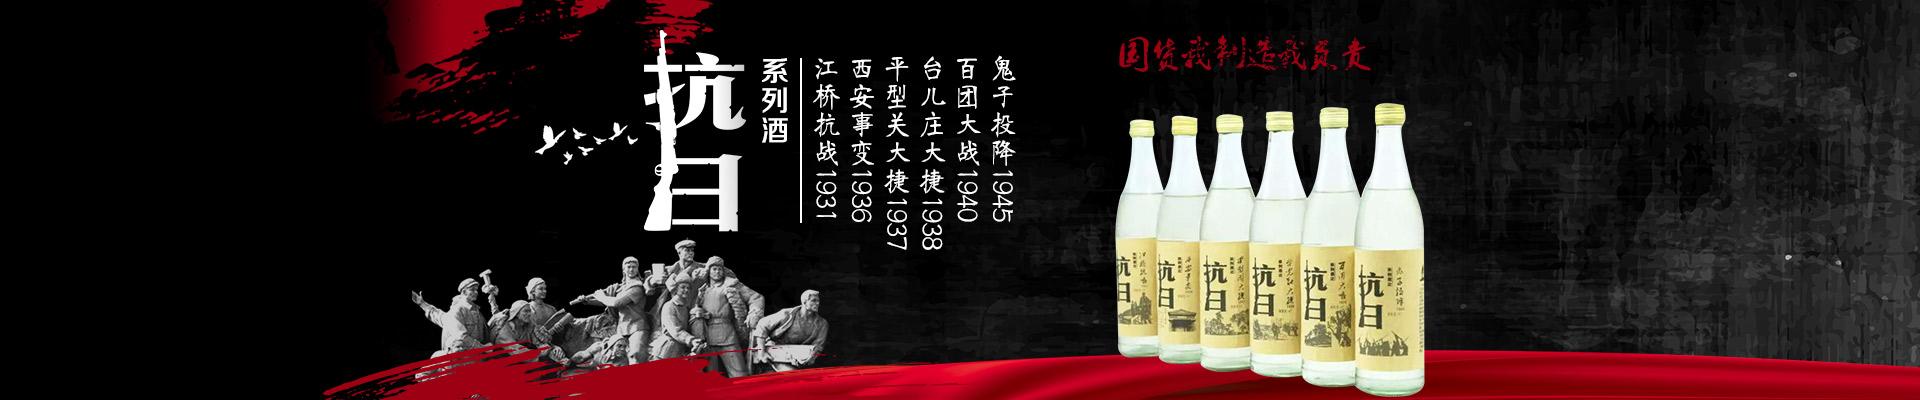 黑龙江富裕县古堡酿酒厂